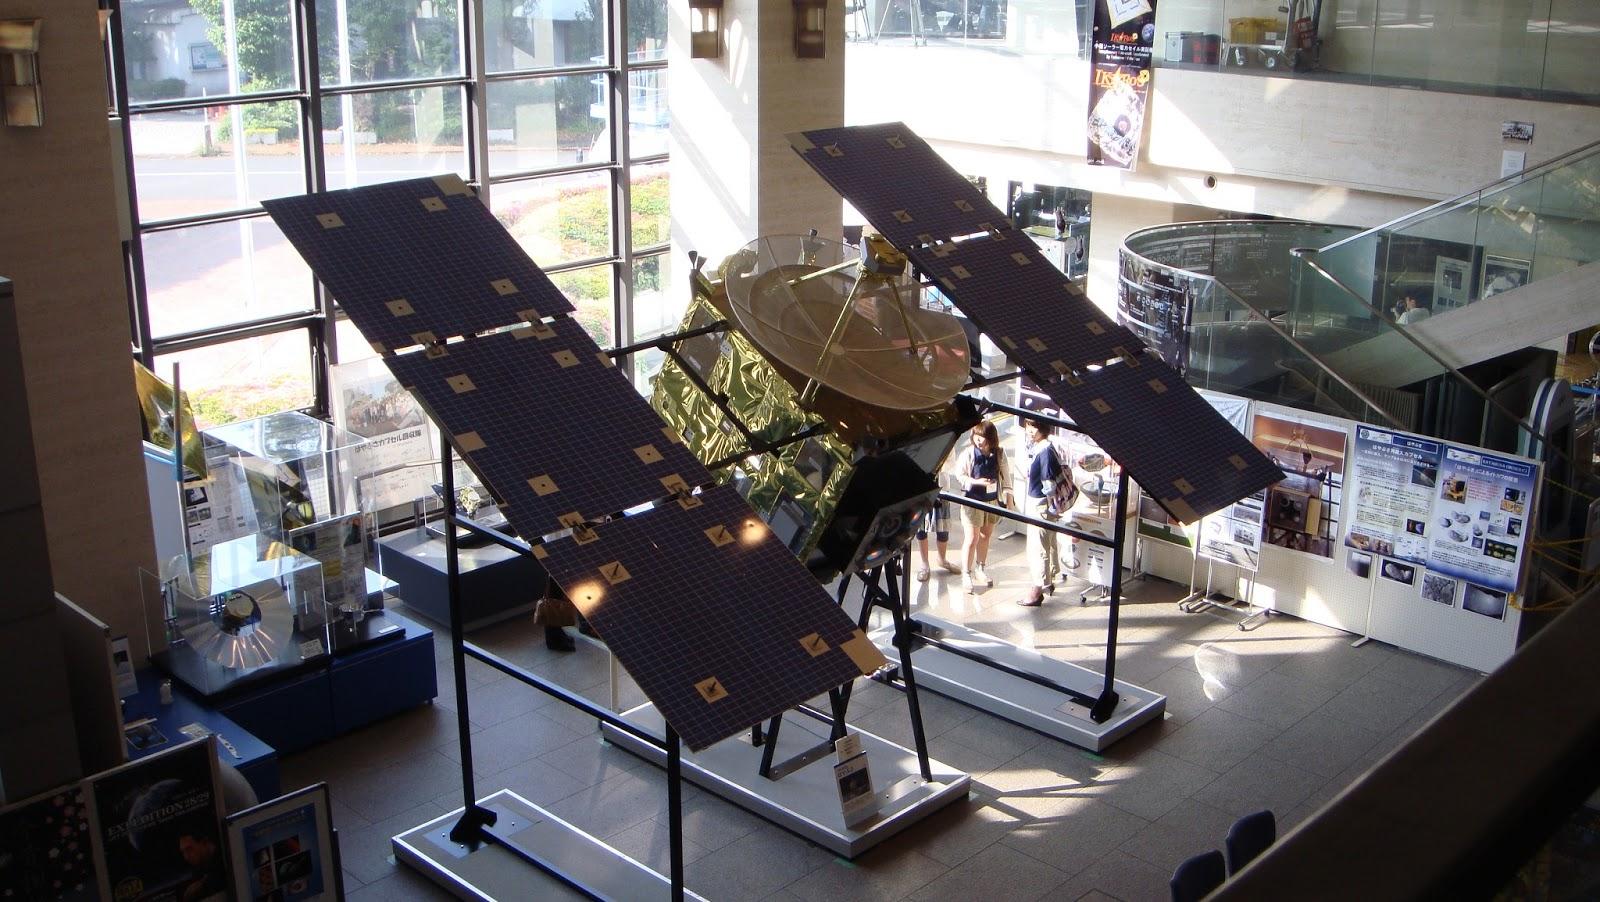 宇宙航空研究開発機構の中央施設です。 そして小惑星探査機はやぶさの故郷... なつれのそら。